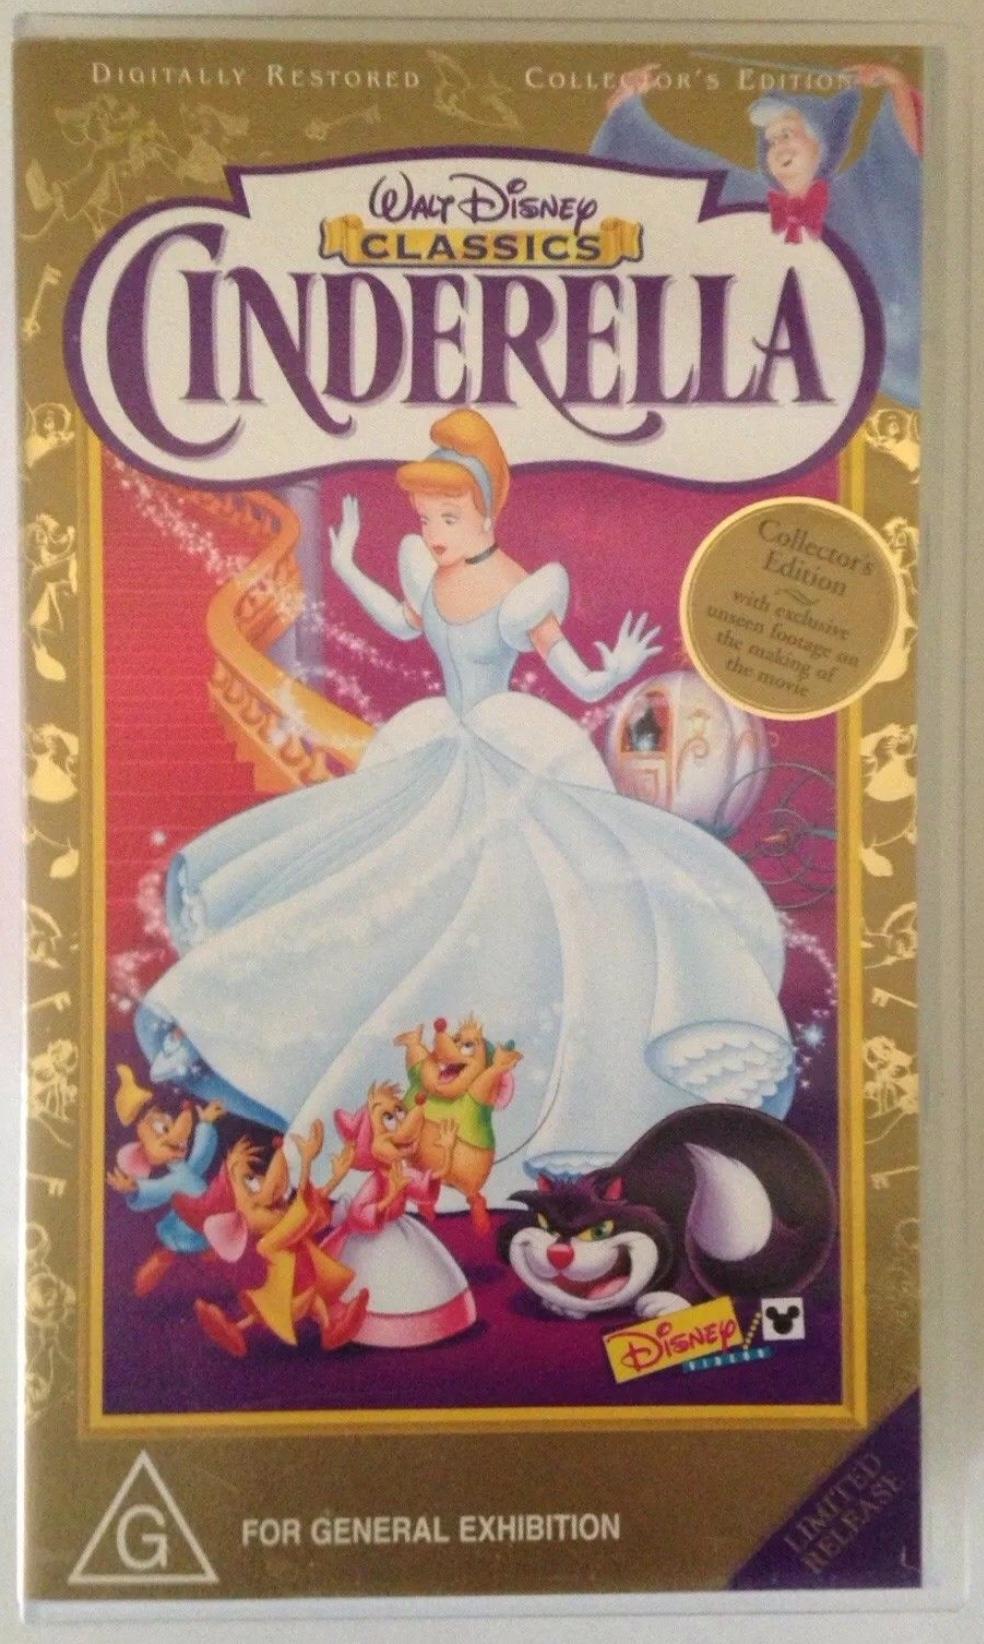 Cinderella 1999 AUS VHS.jpg